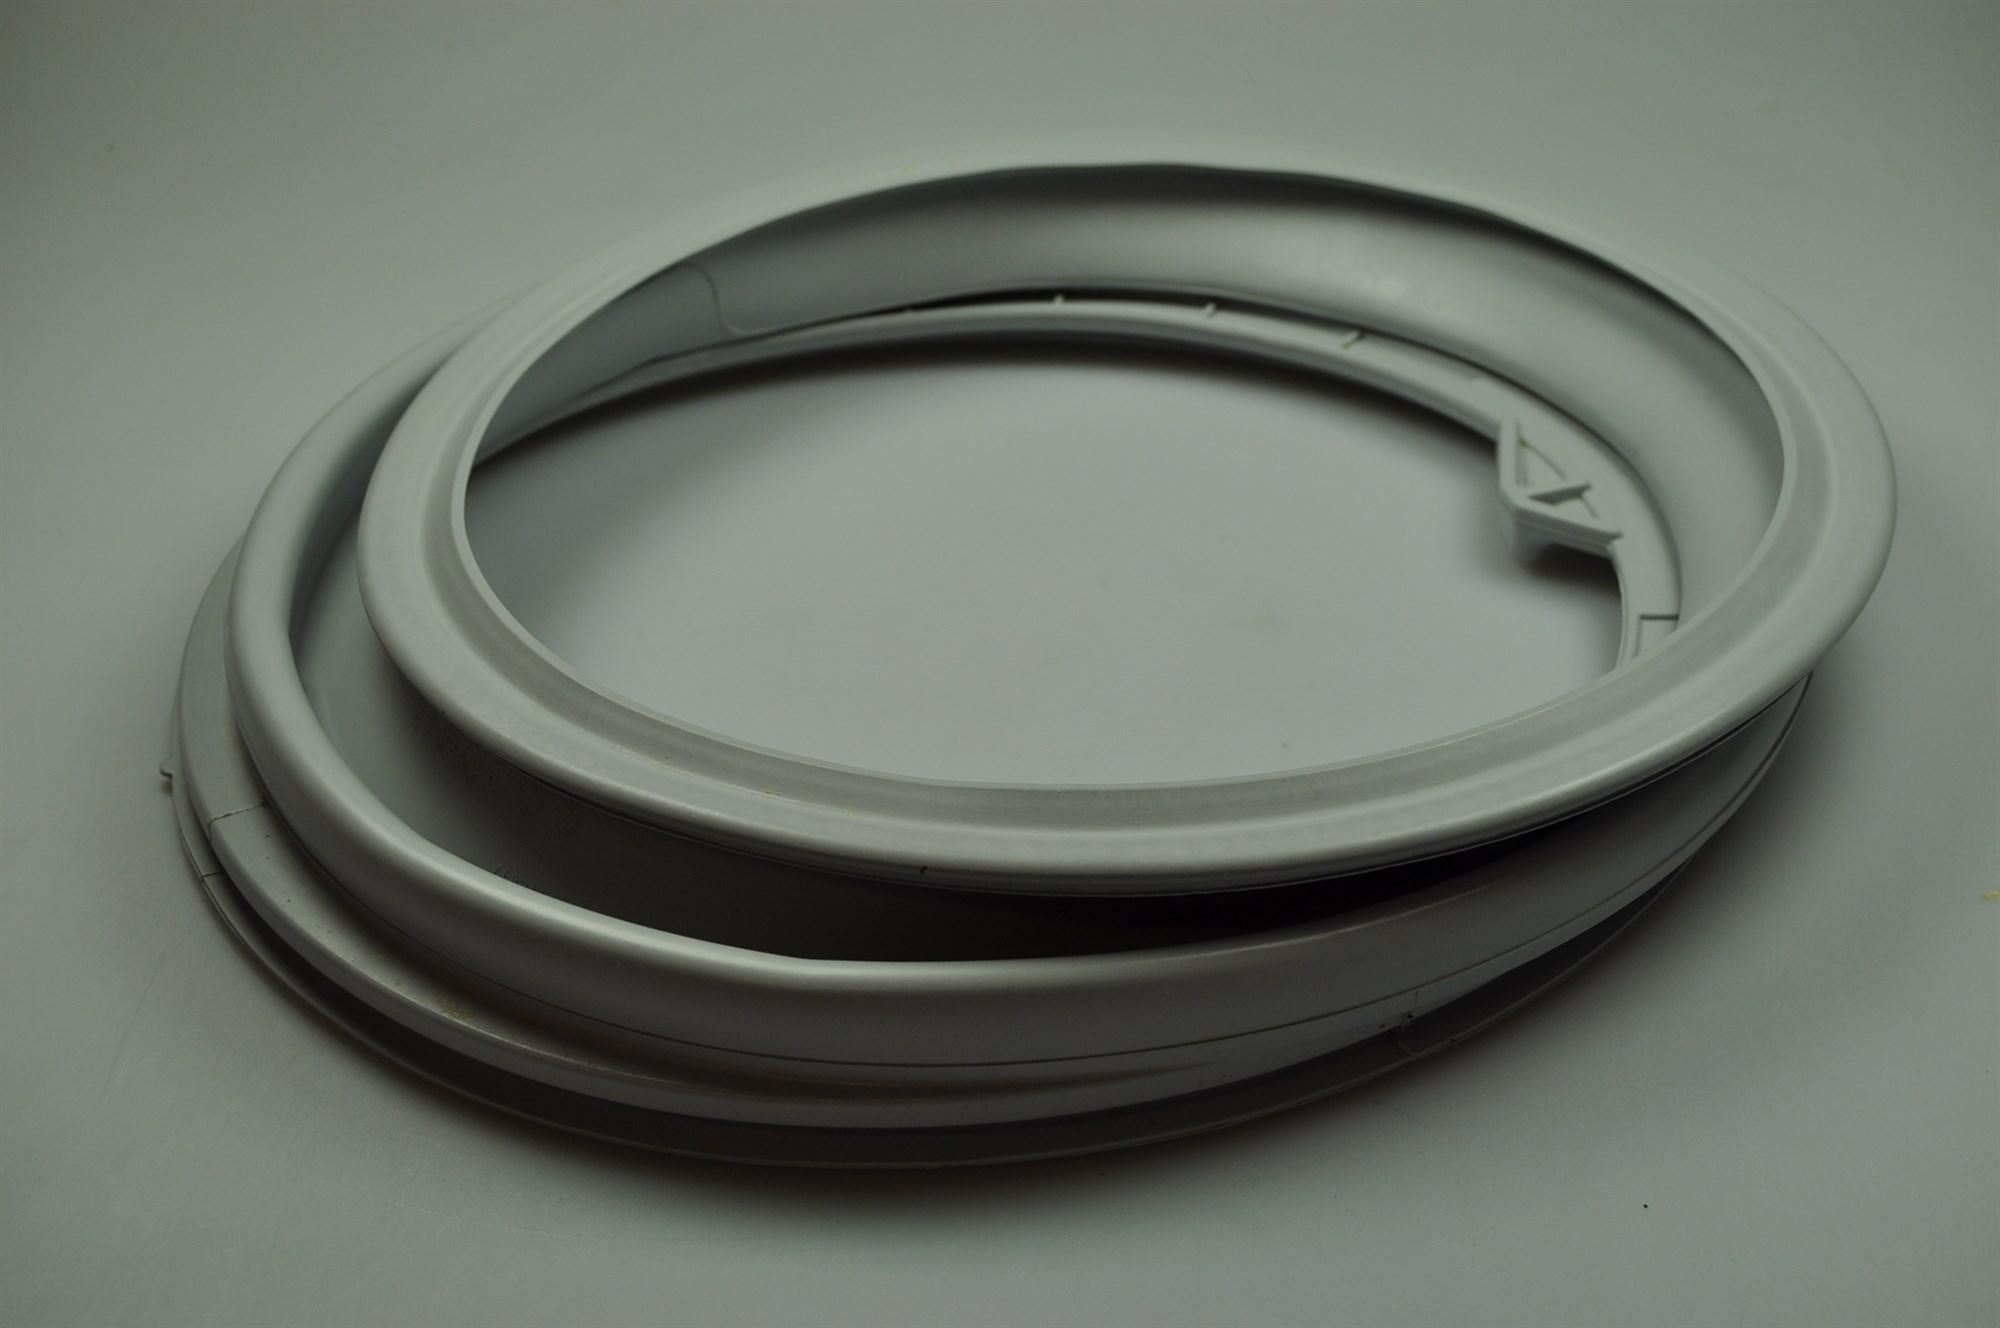 Door Seal Hoover Washing Machine Rubber